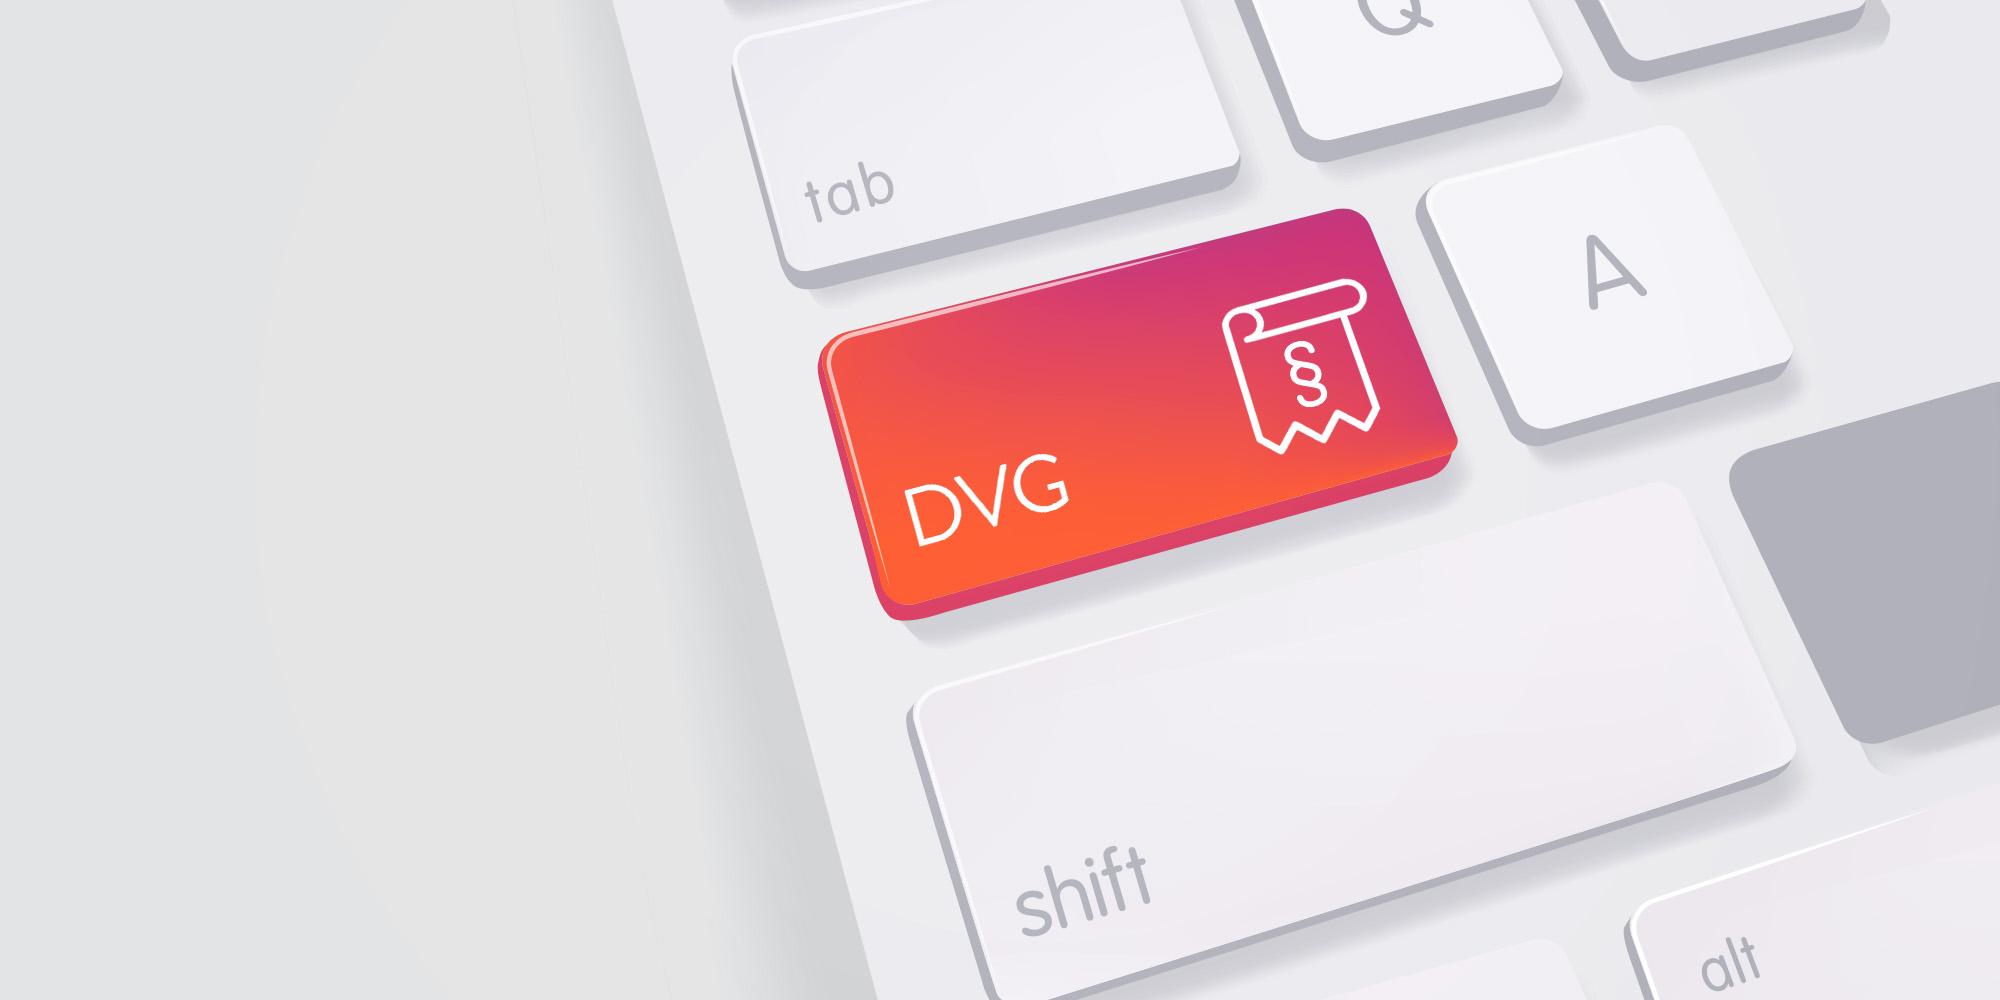 Apps & Co. in die Regelversorgung – eine erste Einschätzung zum Digitale-Versorgung-Gesetz (DVG)